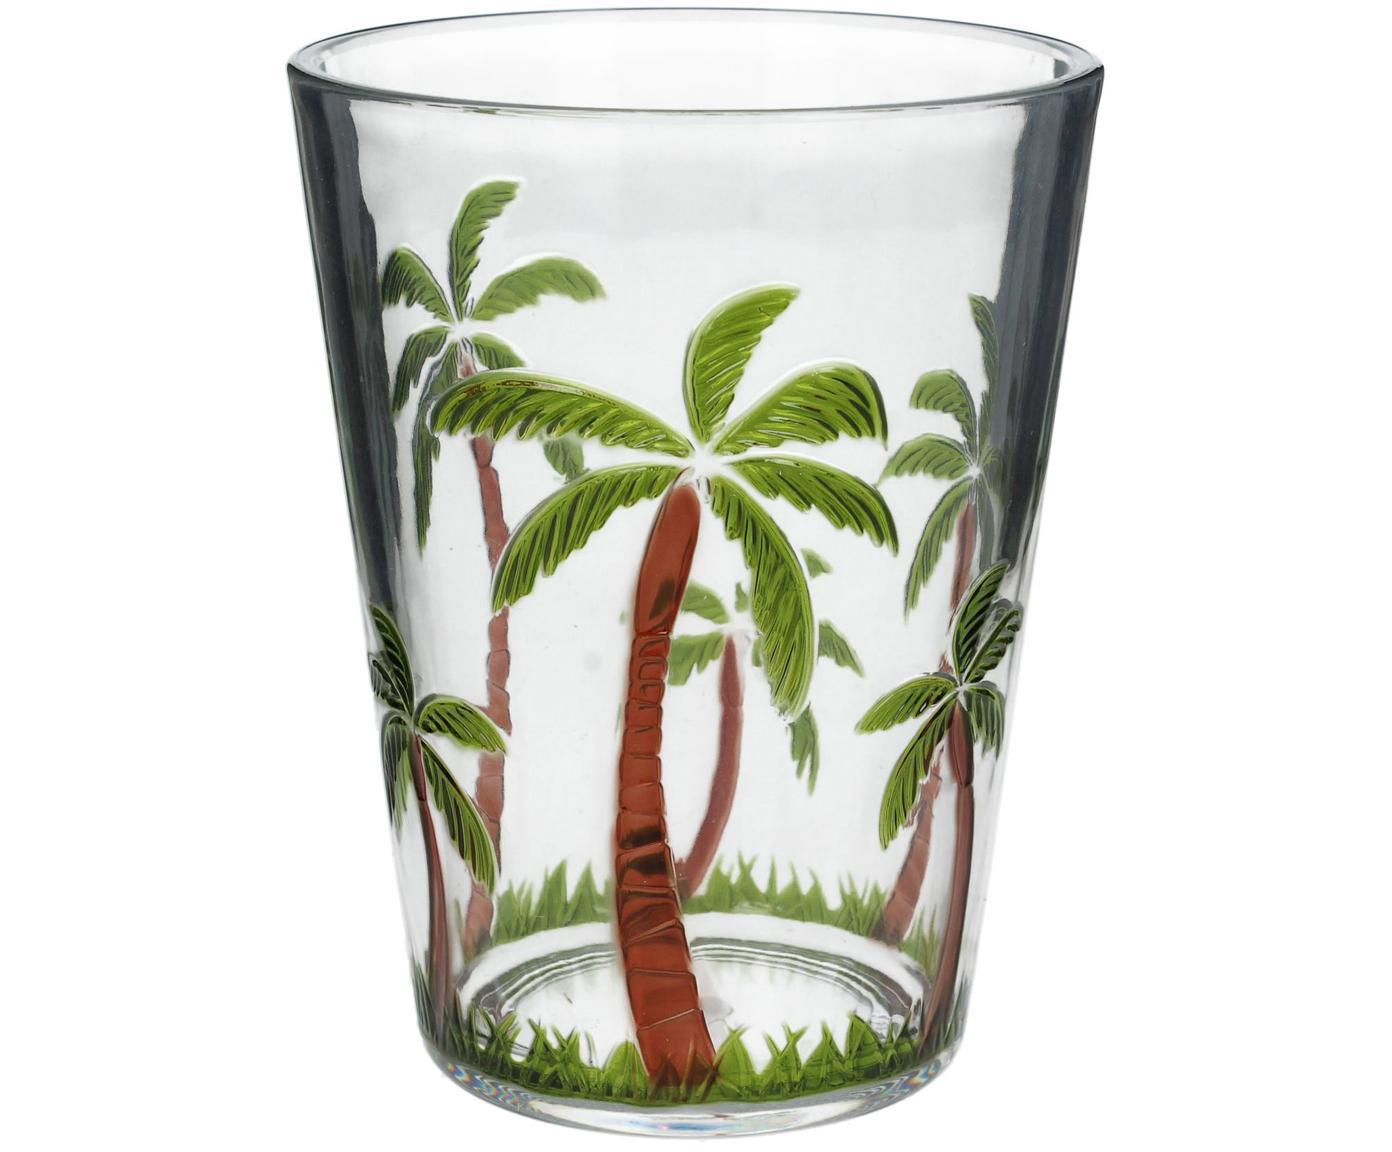 Bicchiere acqua in acrilico Gabrielle, Acrilico, Trasparente, verde, marrone, Ø 9 x Alt. 12 cm